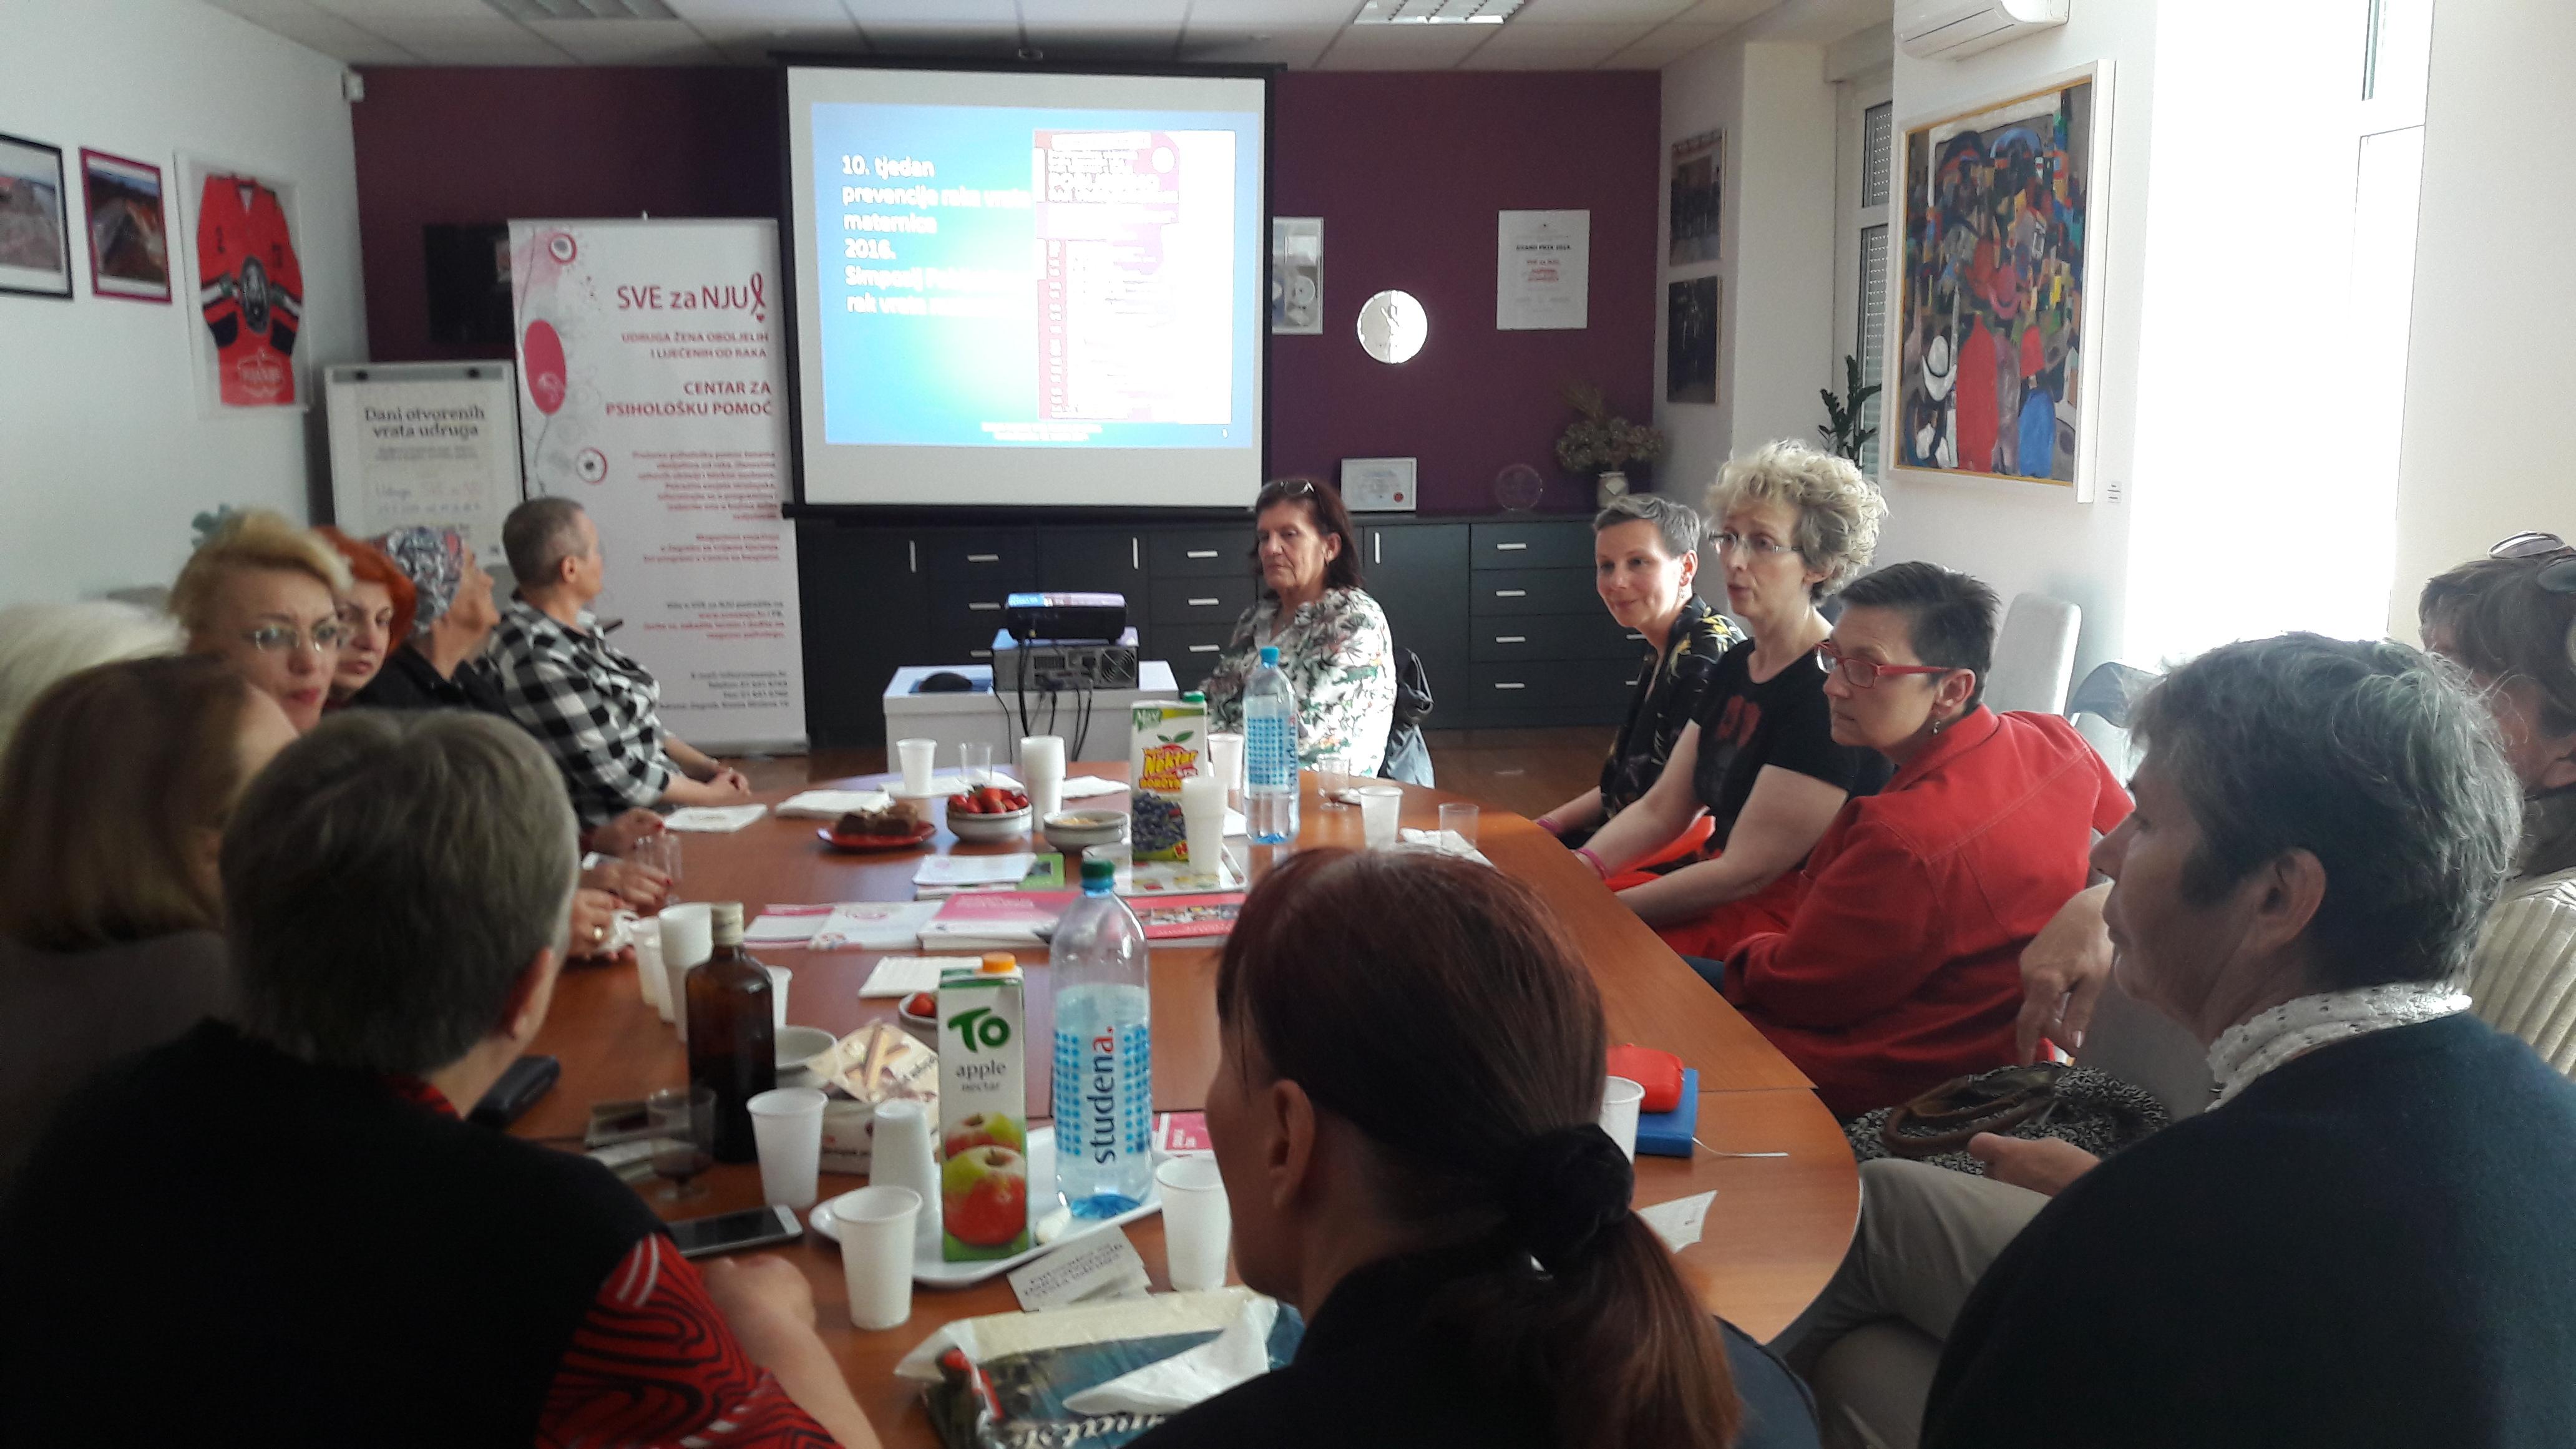 internetsko druženje za osobe s poteškoćama u razvoju